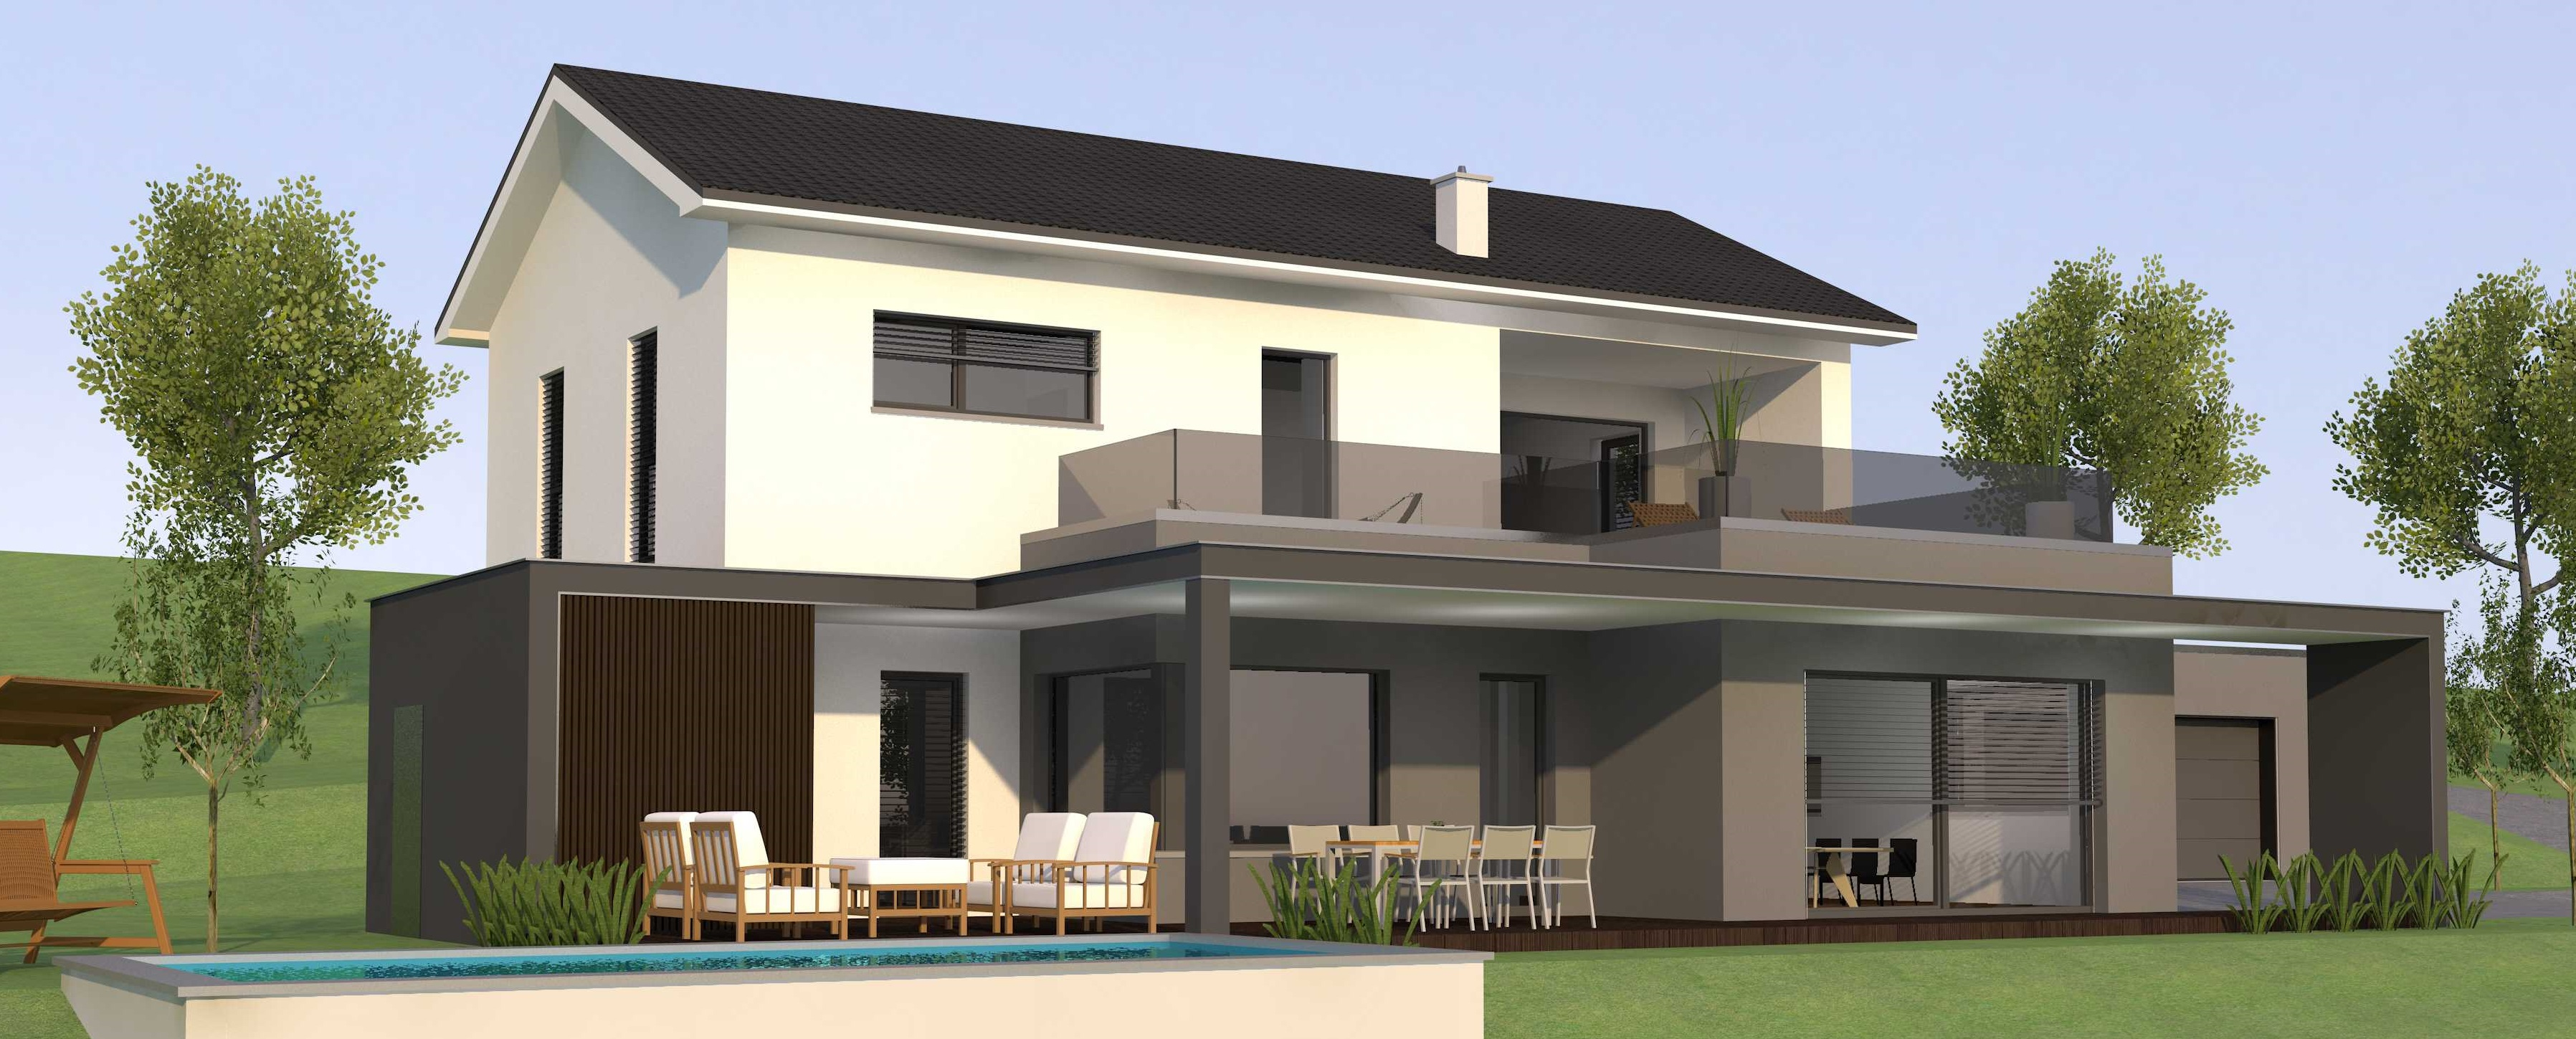 k tz haus architektenh user neu und individuell geplant. Black Bedroom Furniture Sets. Home Design Ideas